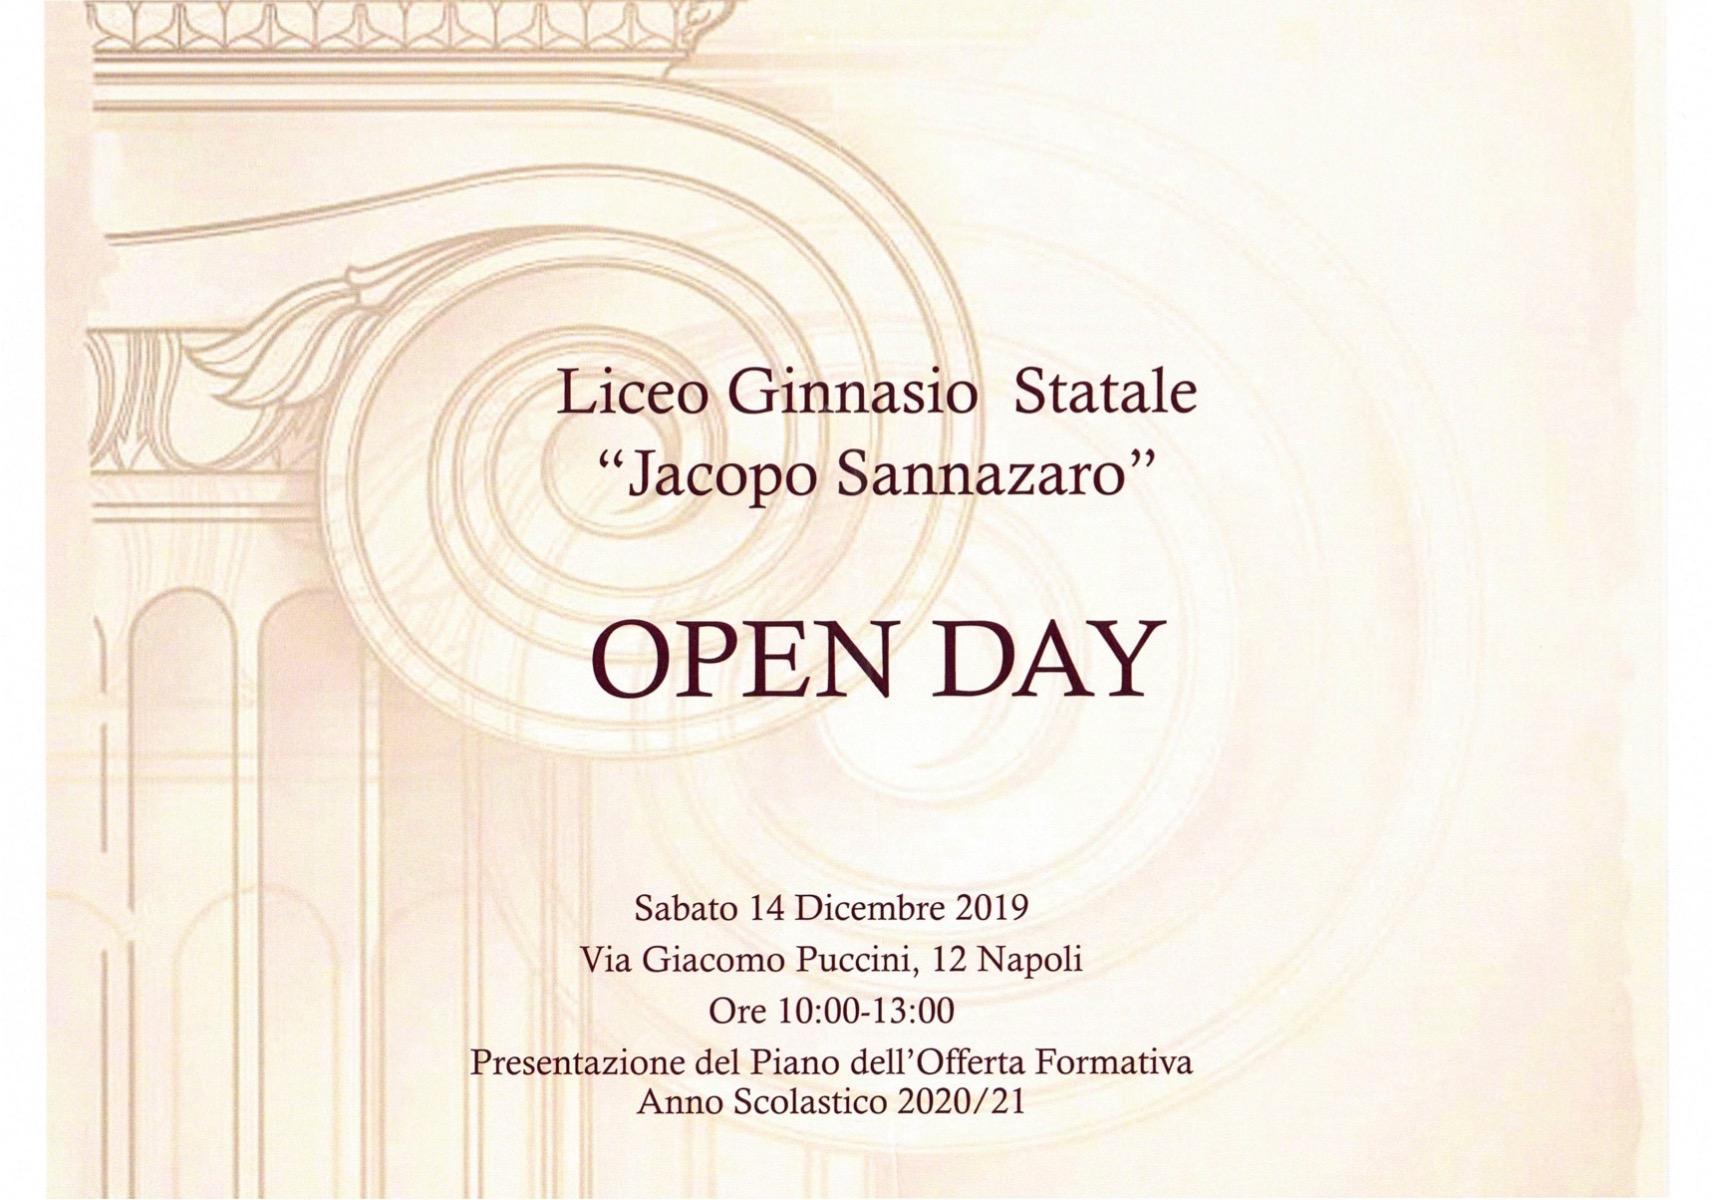 OPEN DAY SABATO 14 DICEMBRE ORE 10.00 - 13.00